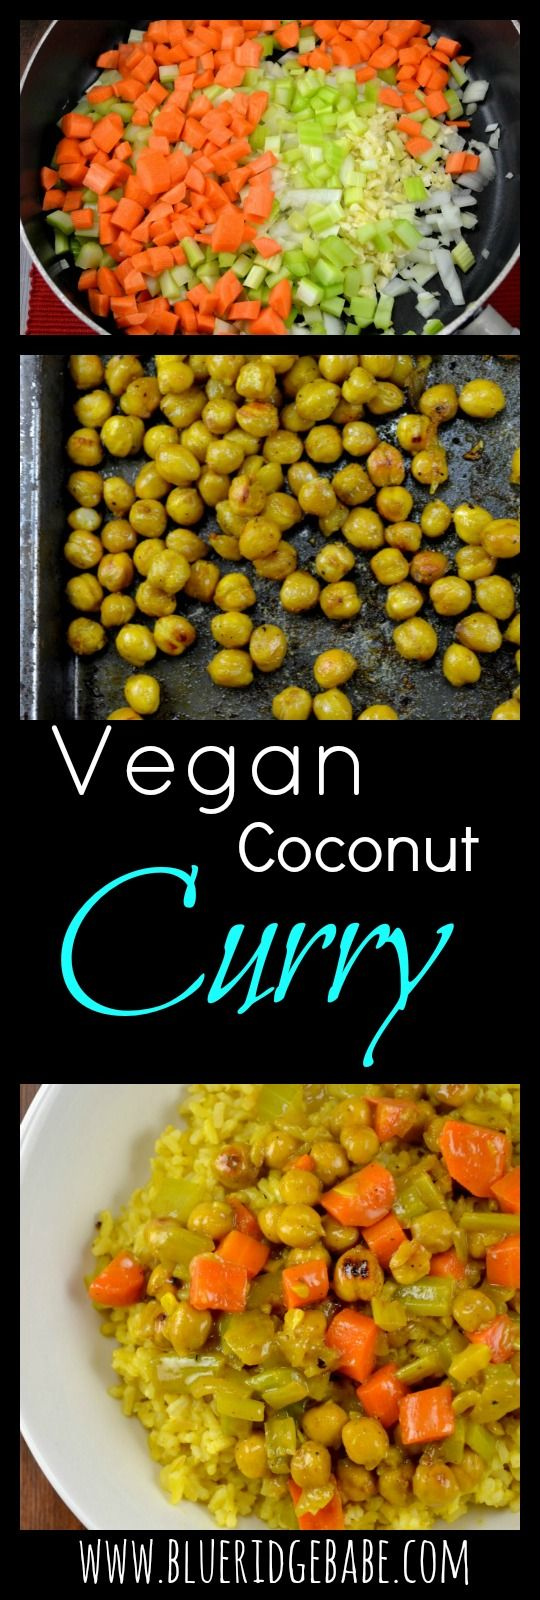 Vegan thai coconut curry bowl recipe(Vegan Curry Bowl)